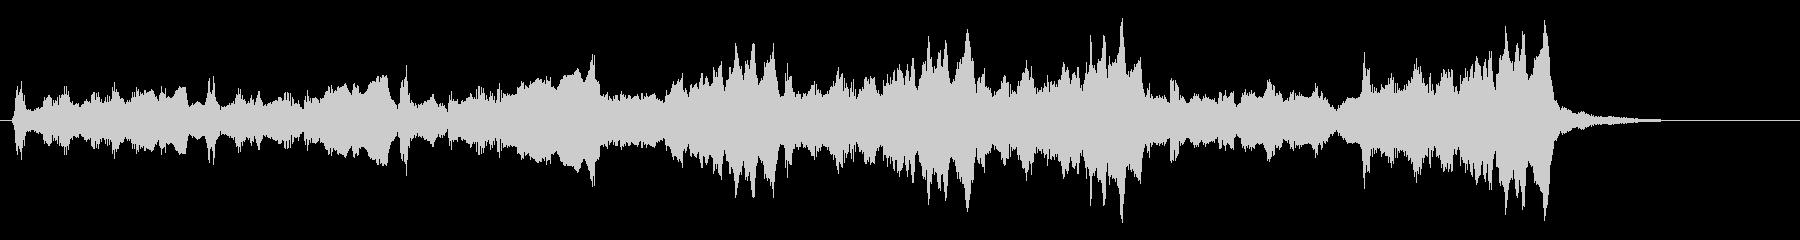 開始や終了の明るいファンファーレの未再生の波形